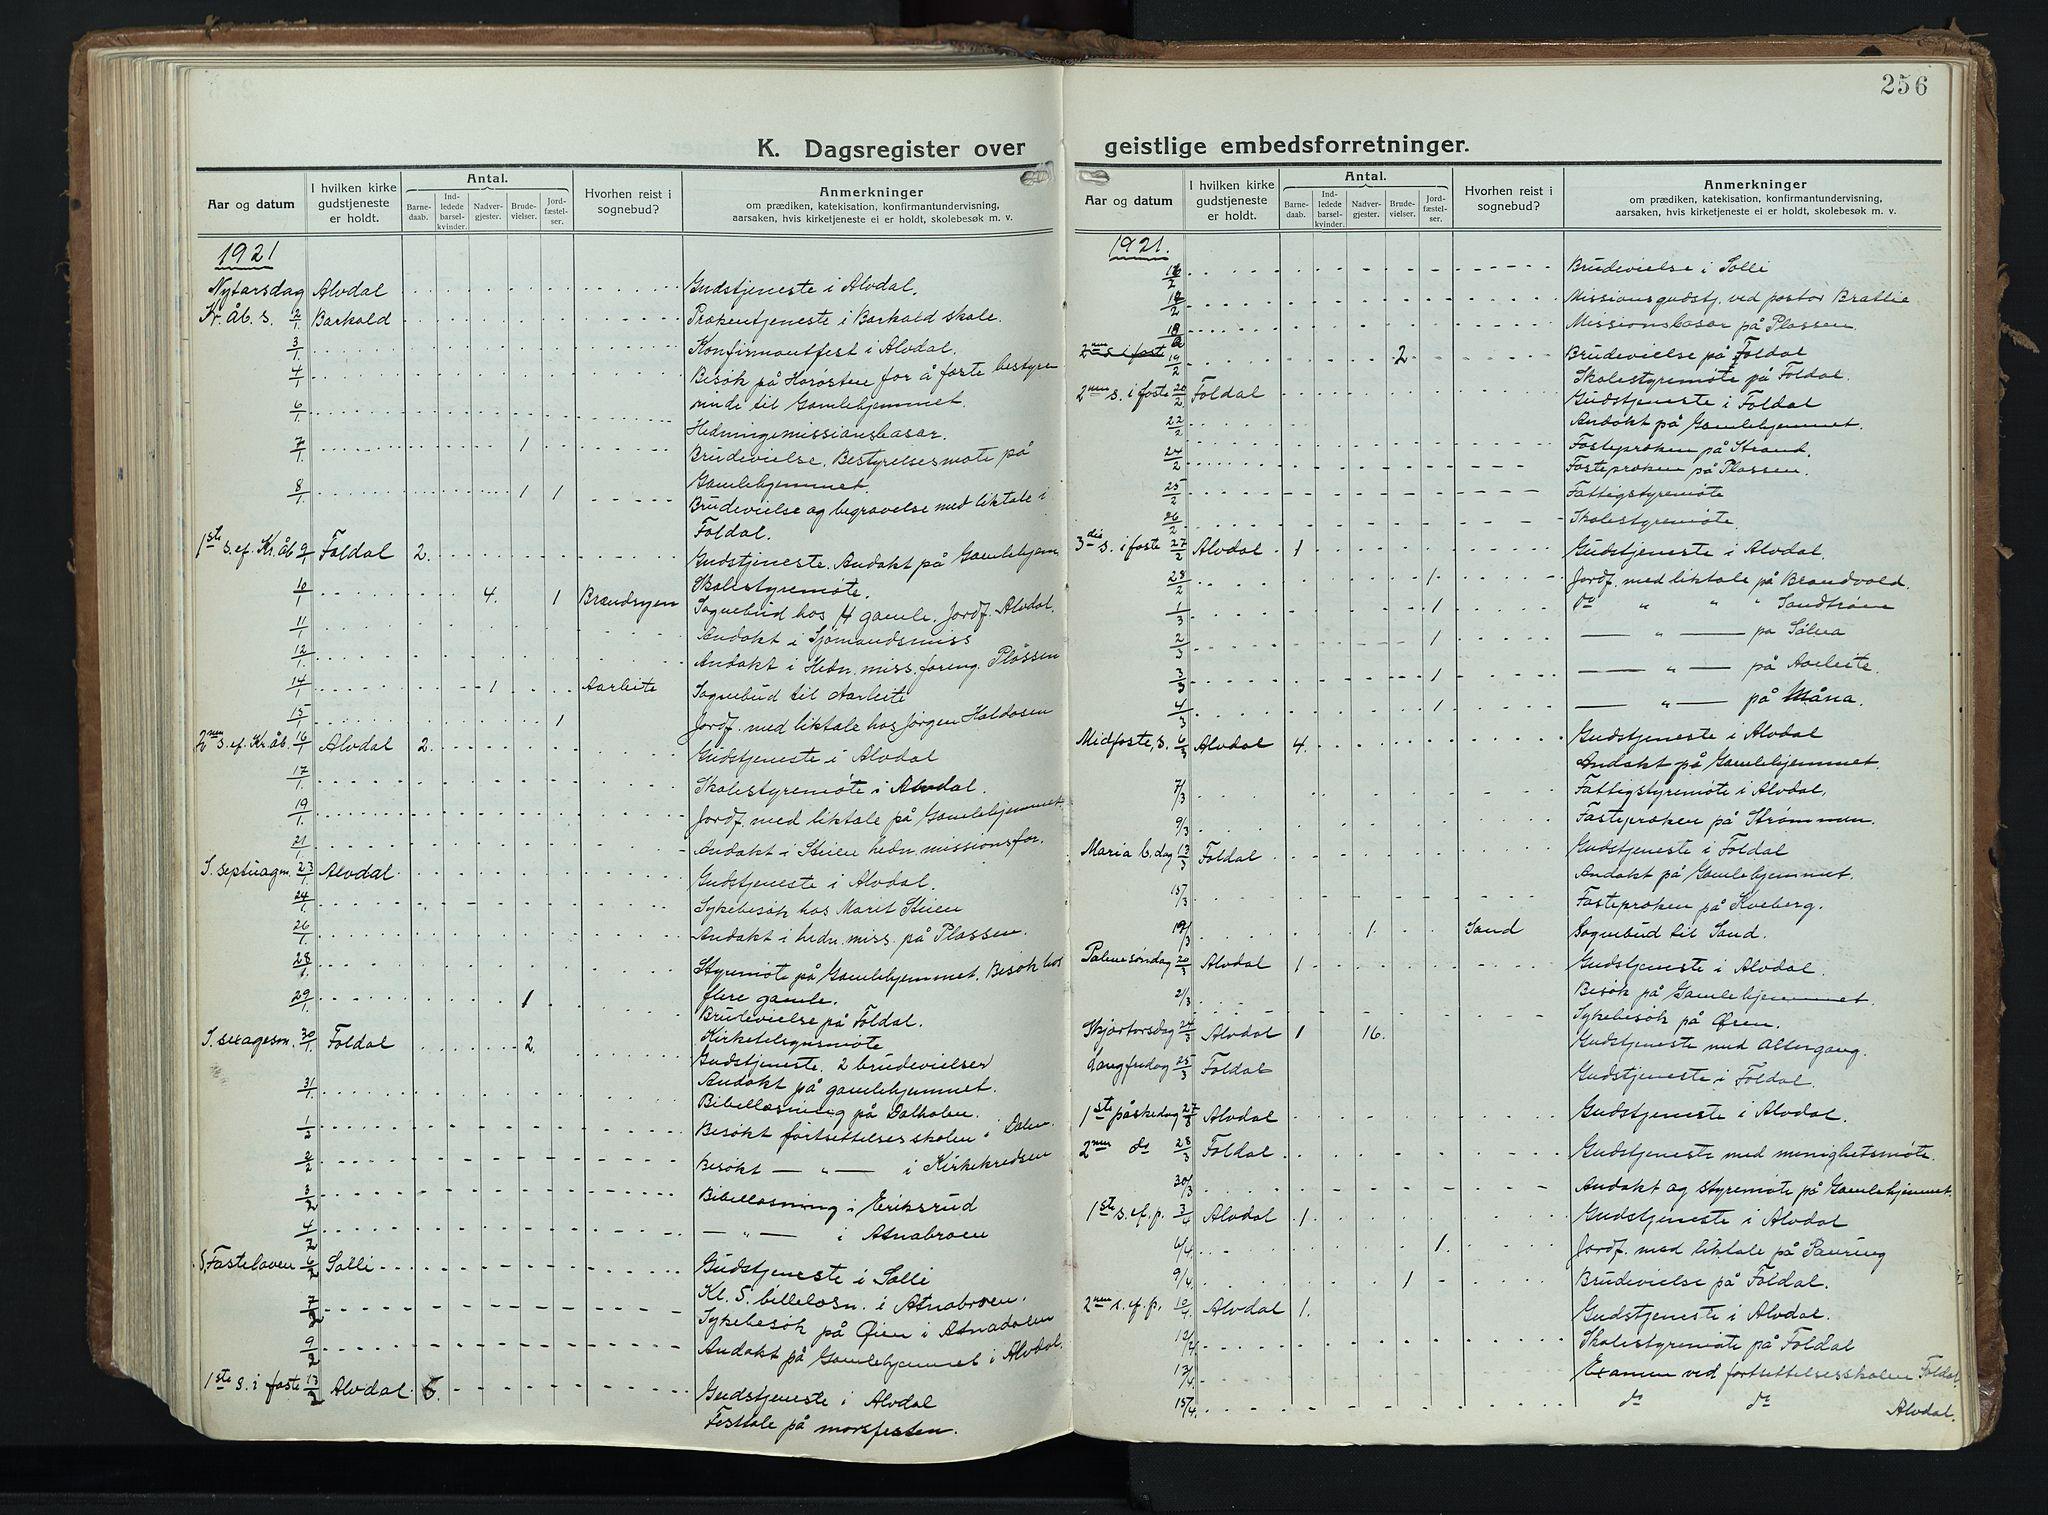 SAH, Alvdal prestekontor, Ministerialbok nr. 6, 1920-1937, s. 256